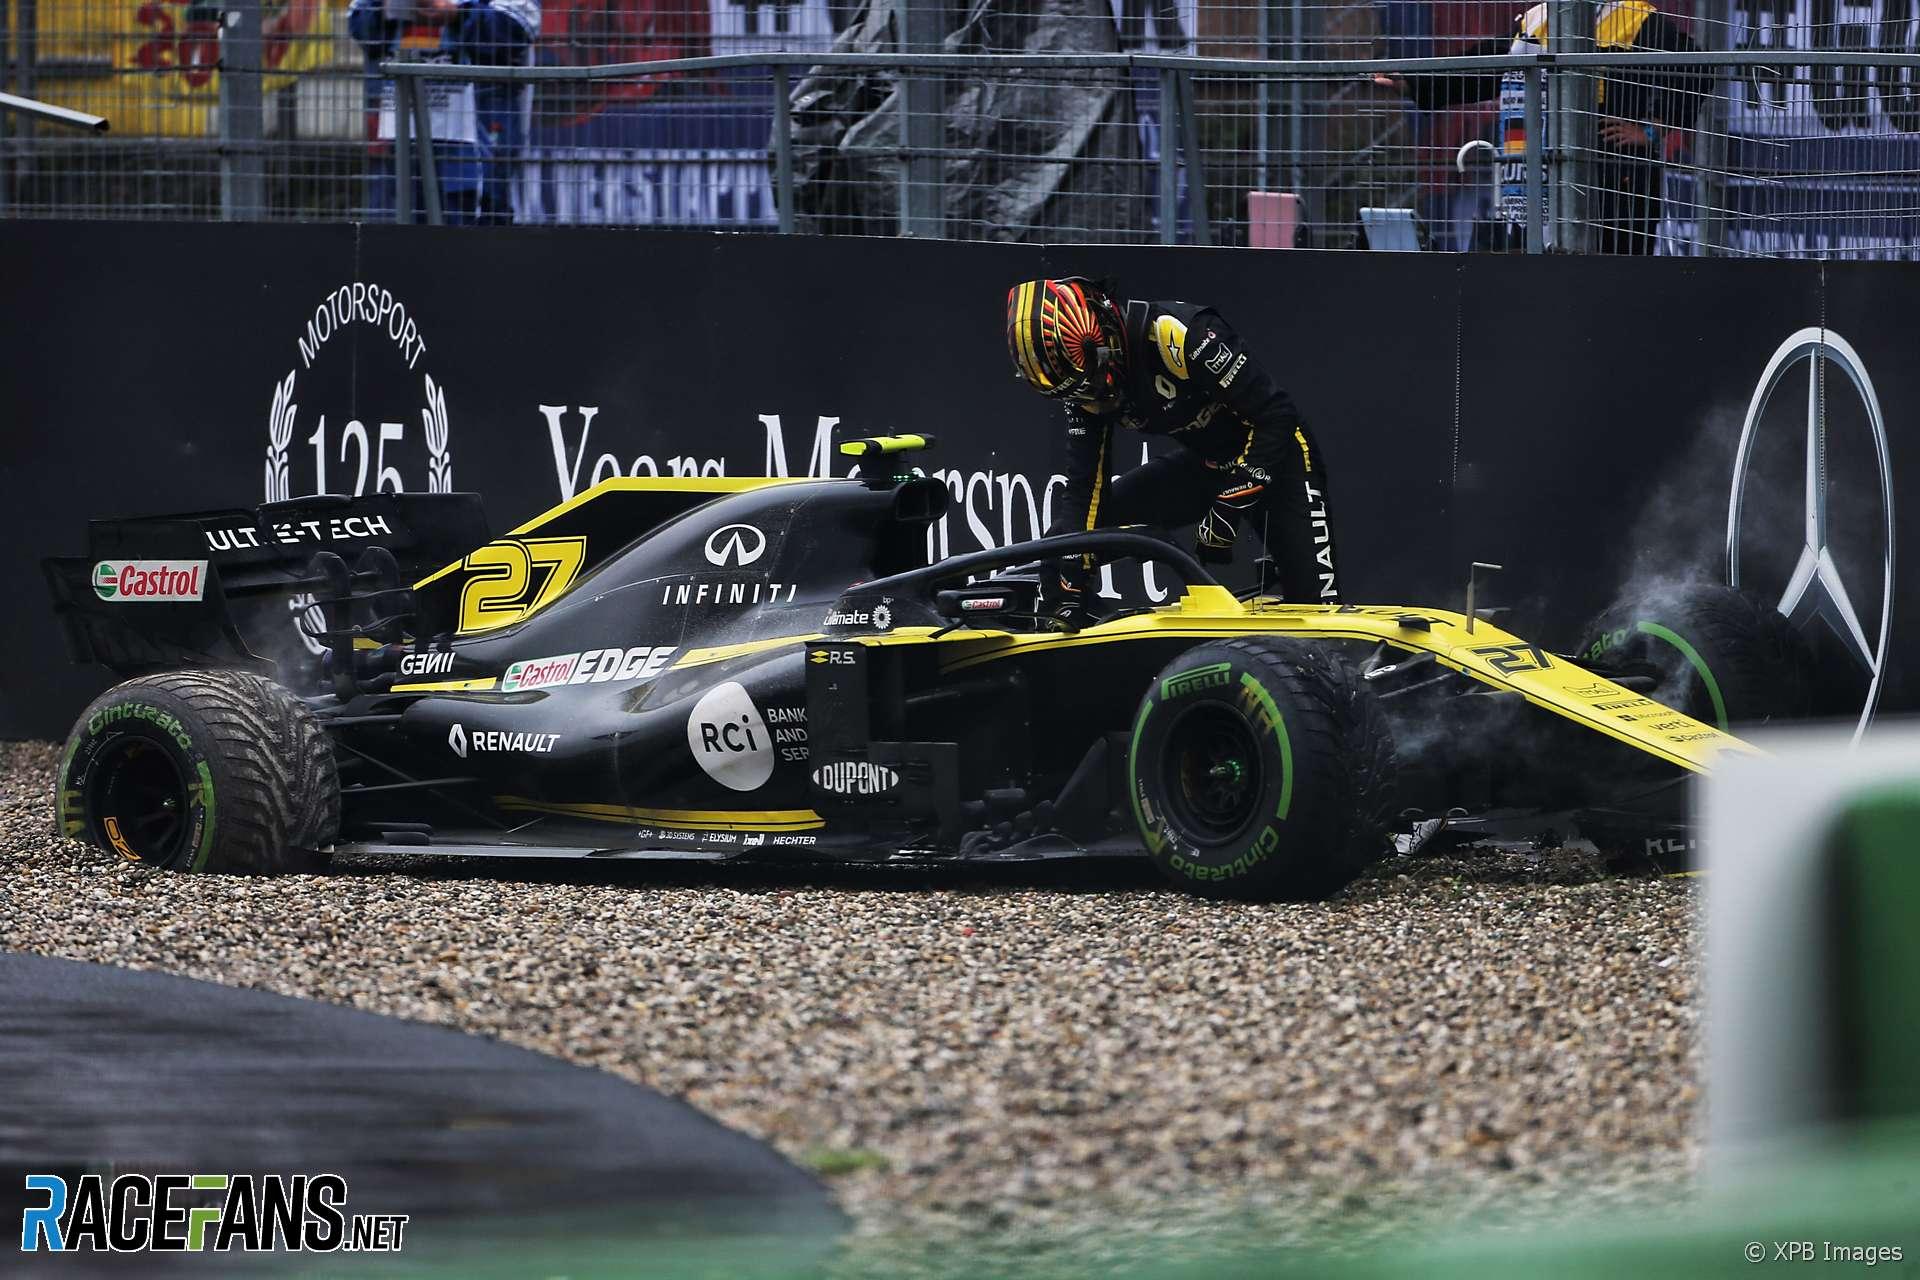 Nico Hulkenberg, Renault, Hockenheimring, 2019